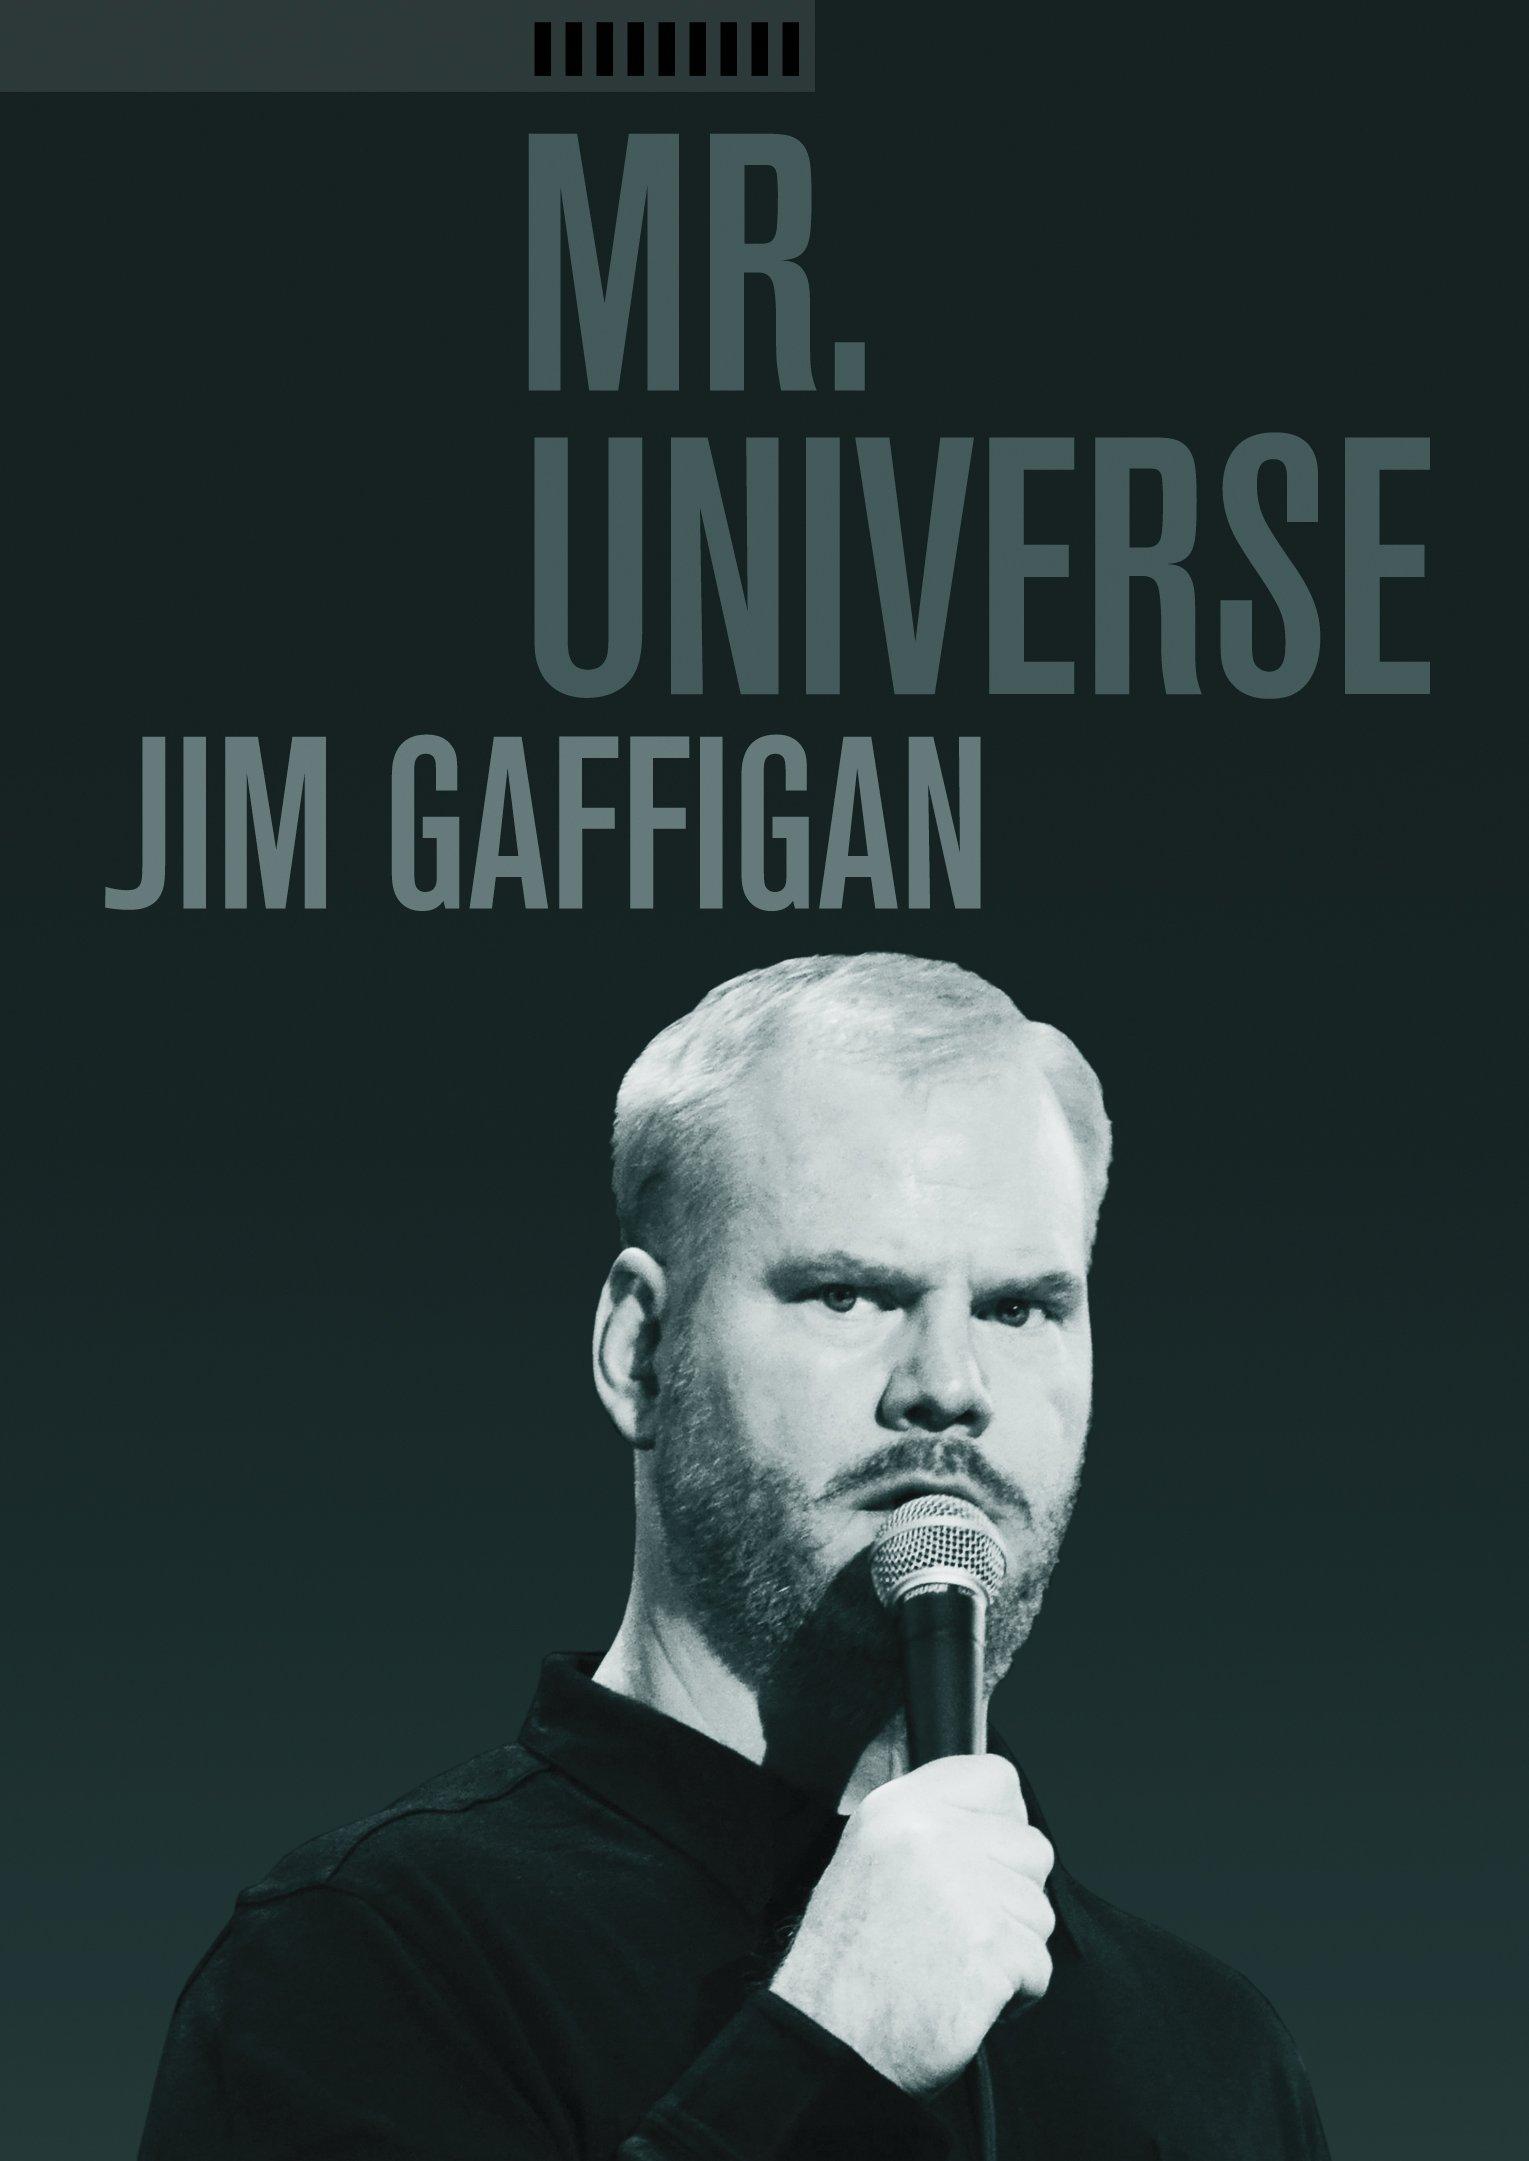 DVD : Jim Gaffigan: Mr. Universe (DVD)